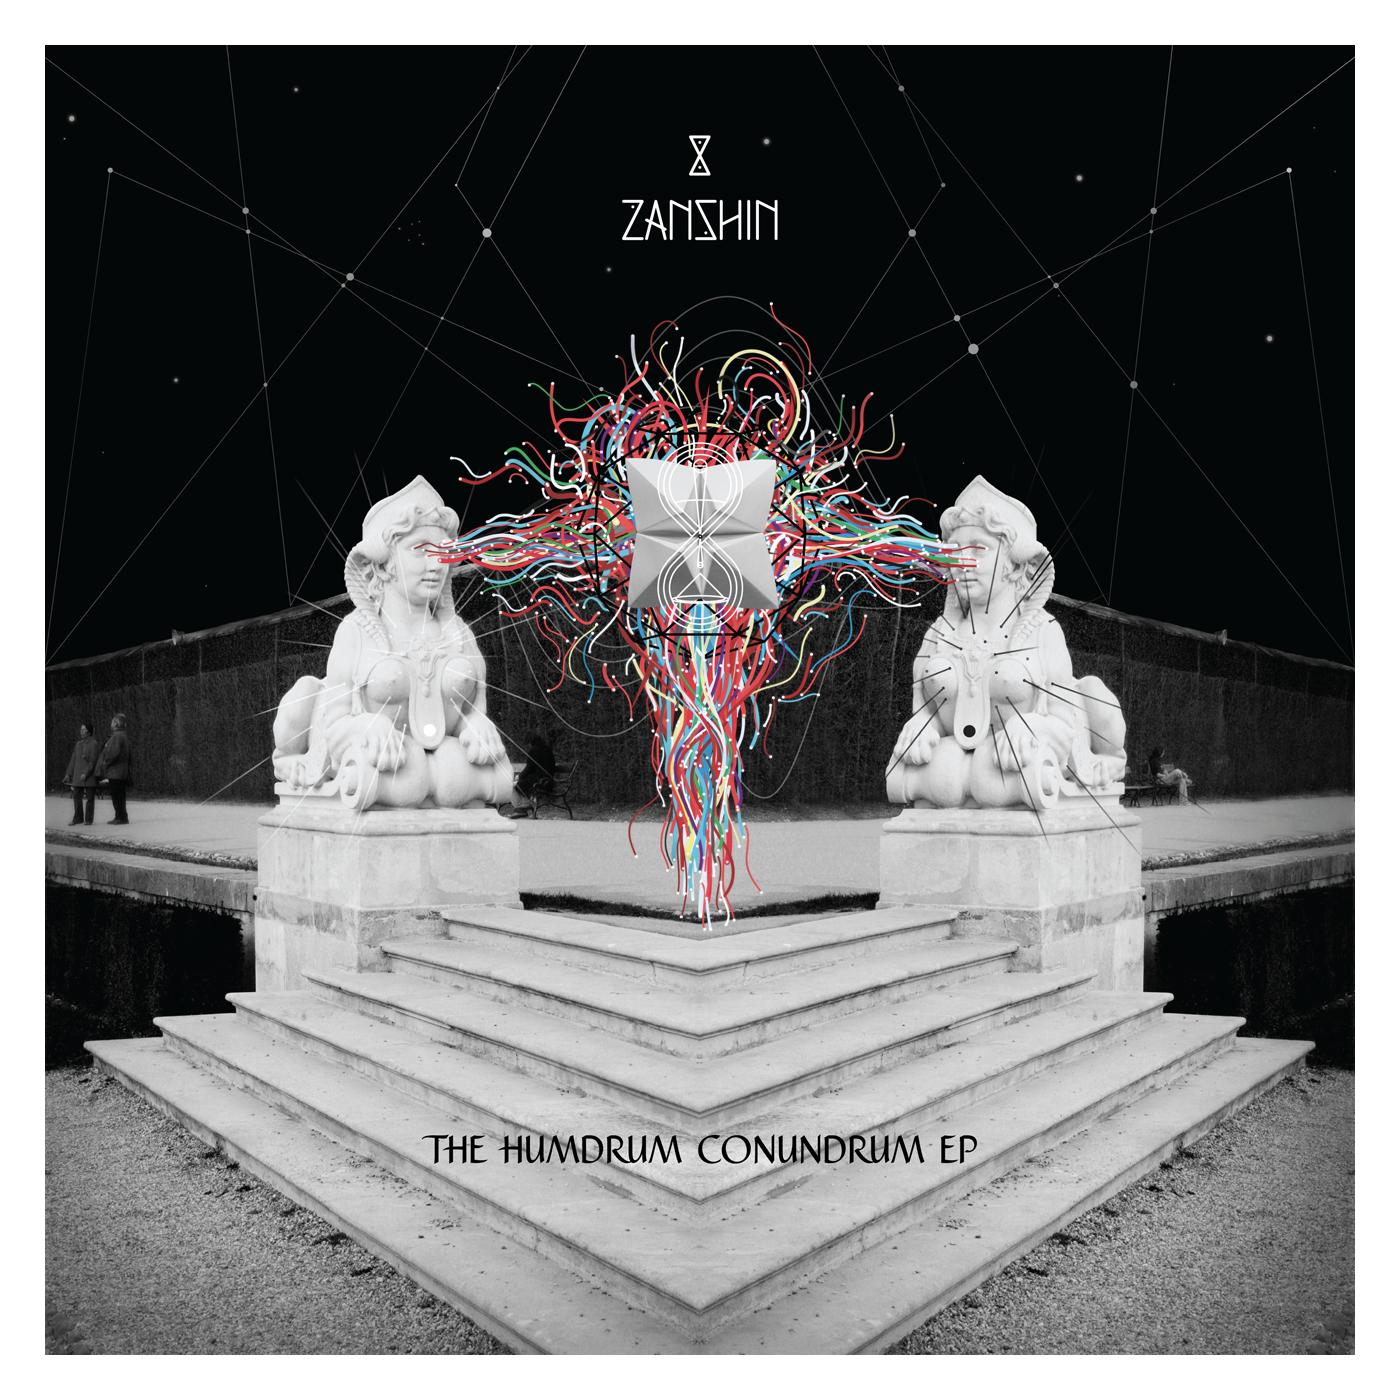 Zanshin - The Humdrum Conundrum EP